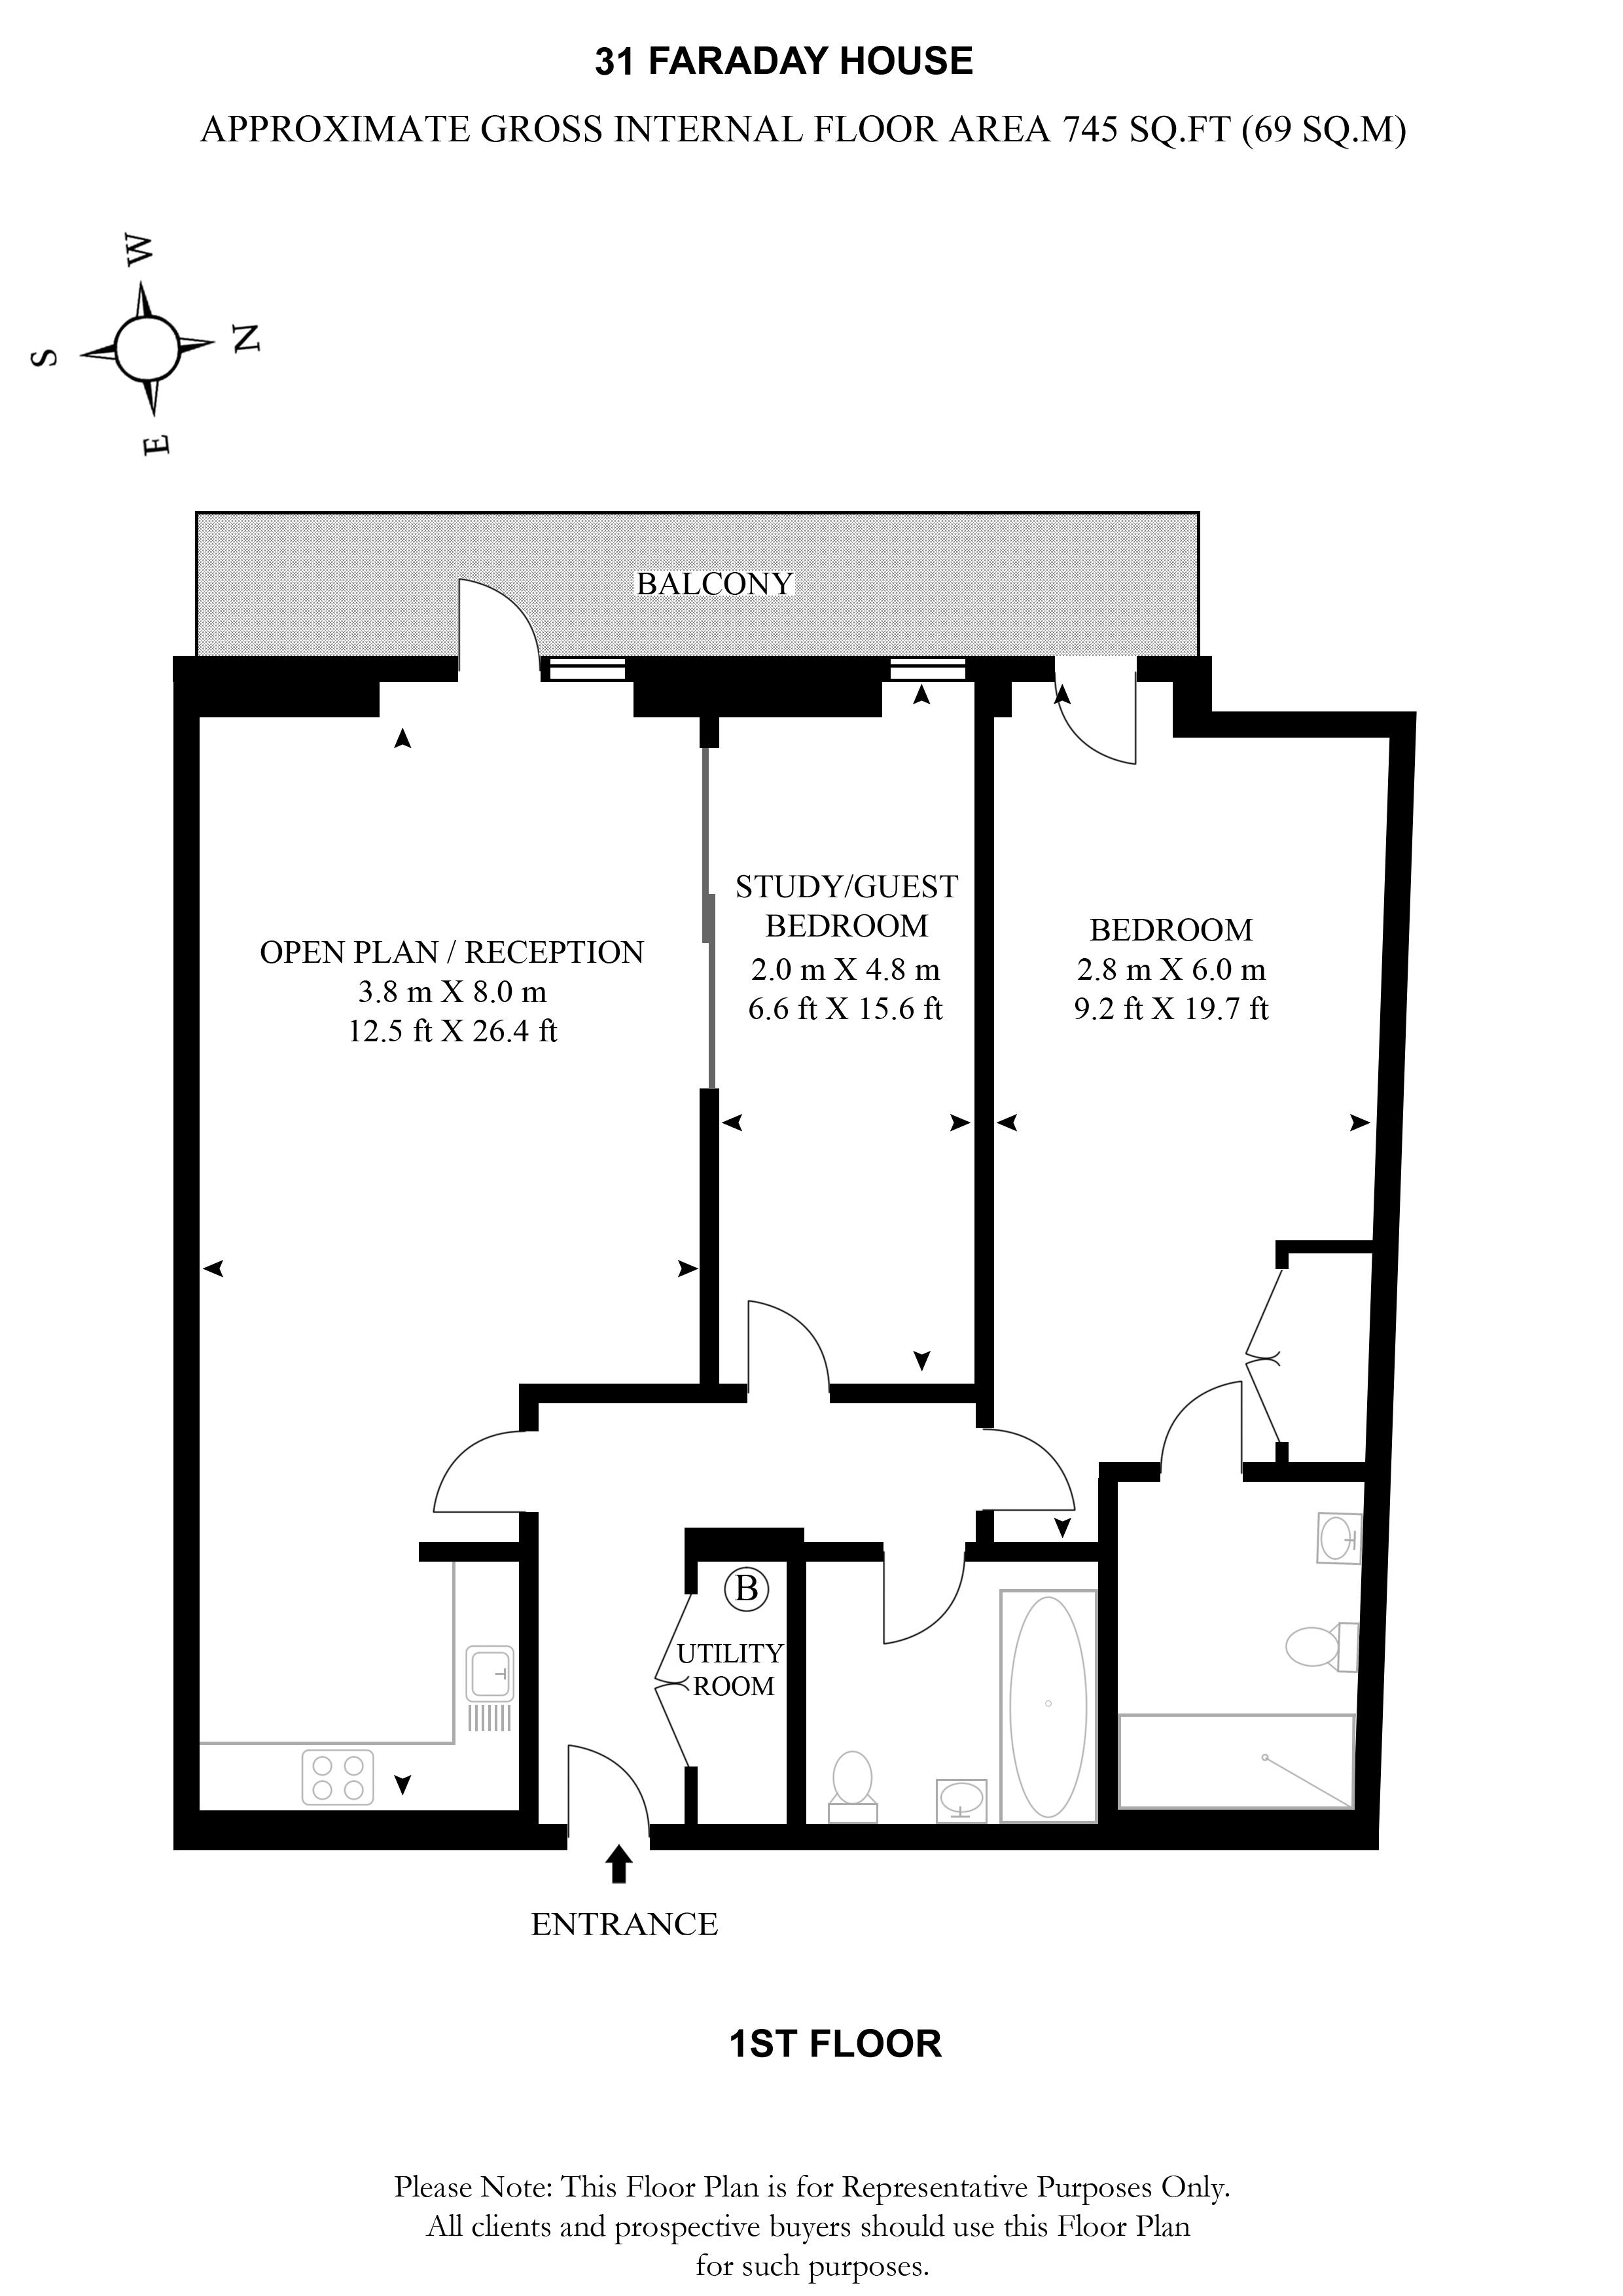 30 blandford london w1u 2 bedroom flat for sale for Blandford homes floor plans